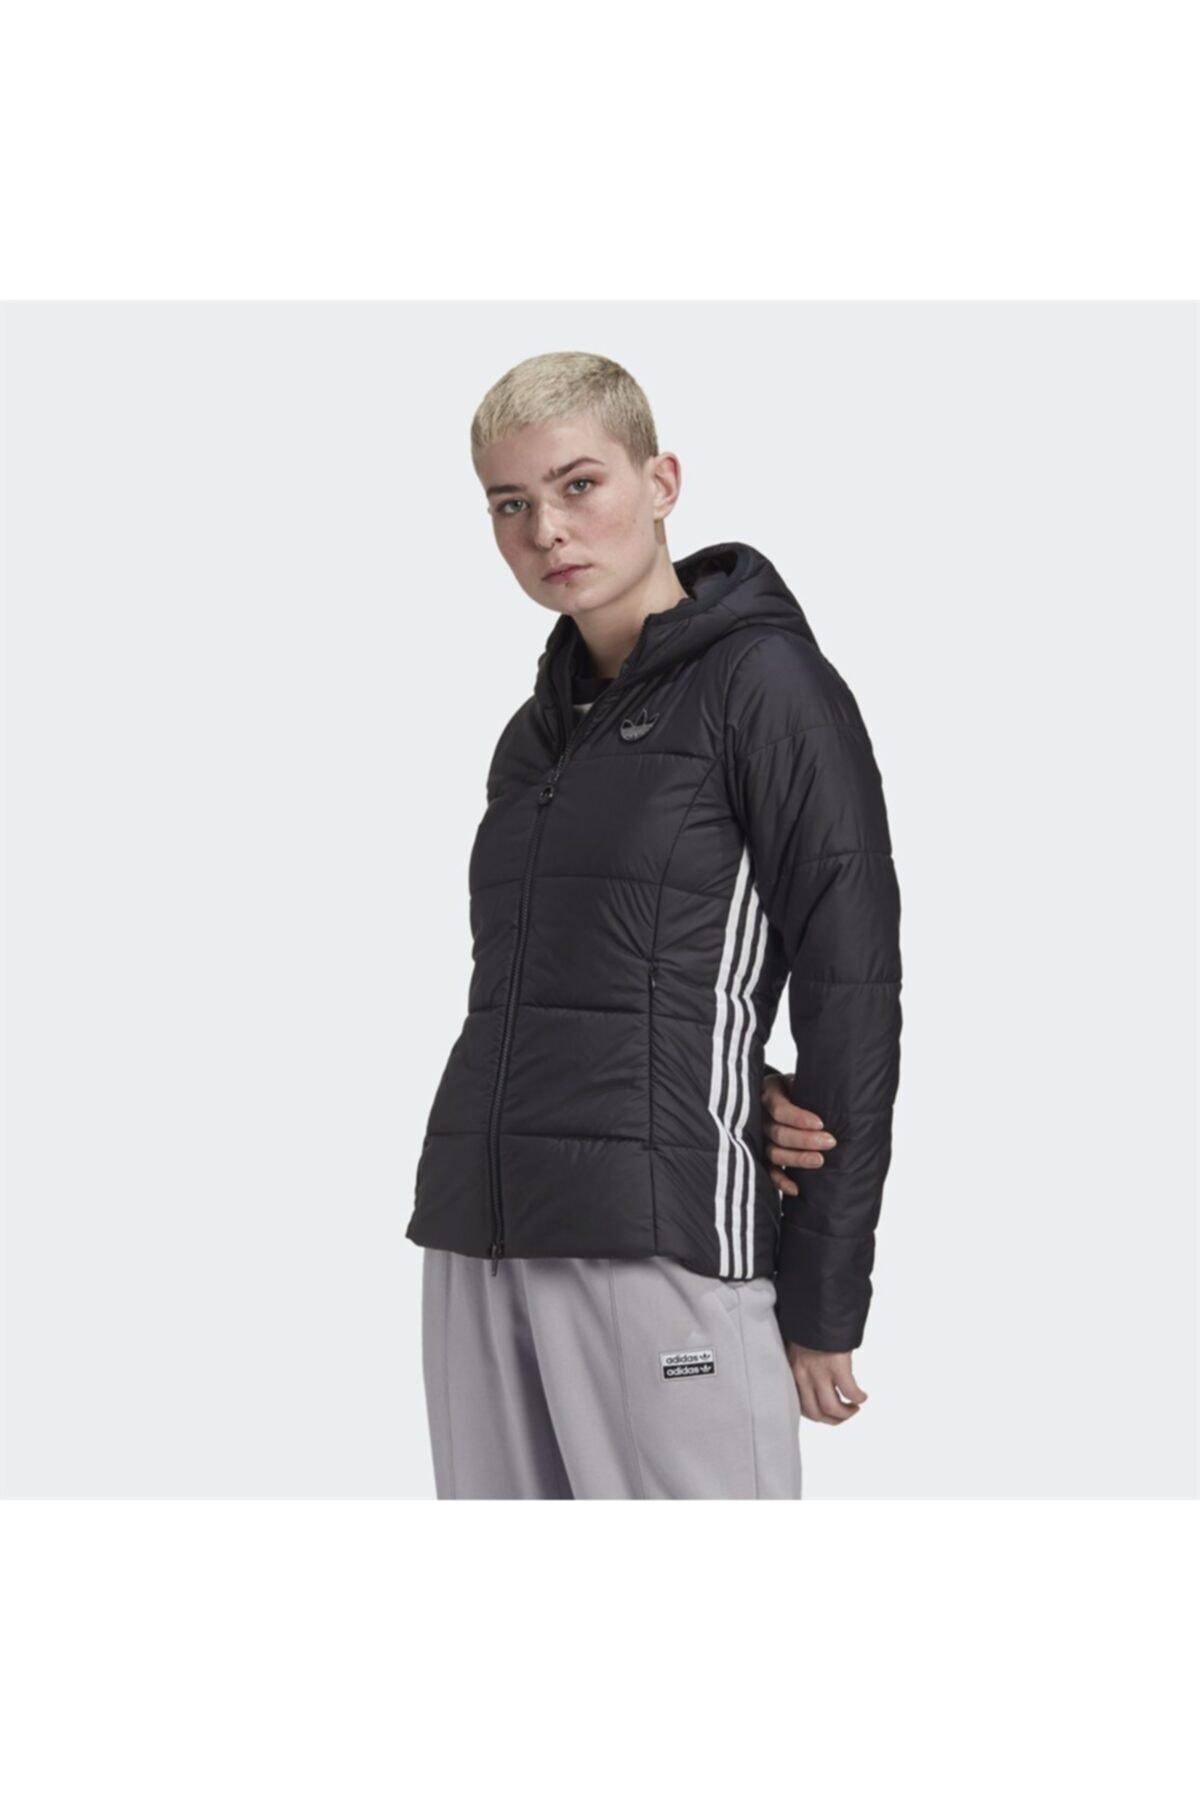 فروش انلاین کاپشن ورزشی زنانه ارزان برند adidas رنگ مشکی کد ty63169460